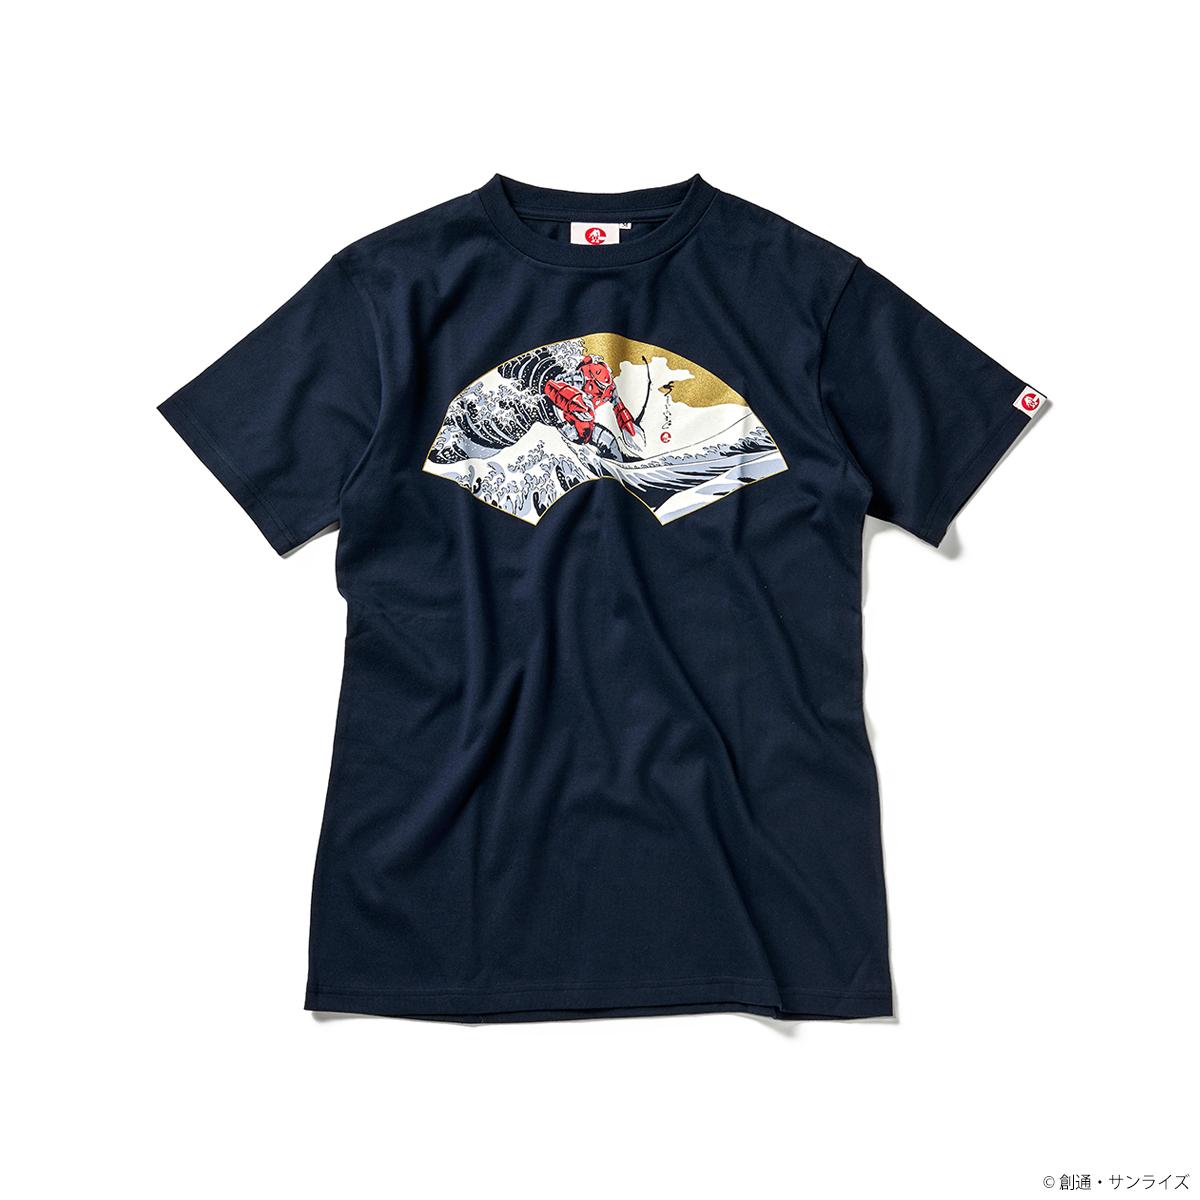 STRICT-G JAPAN 『機動戦士ガンダム』 Tシャツ 白浪ズゴック扇柄